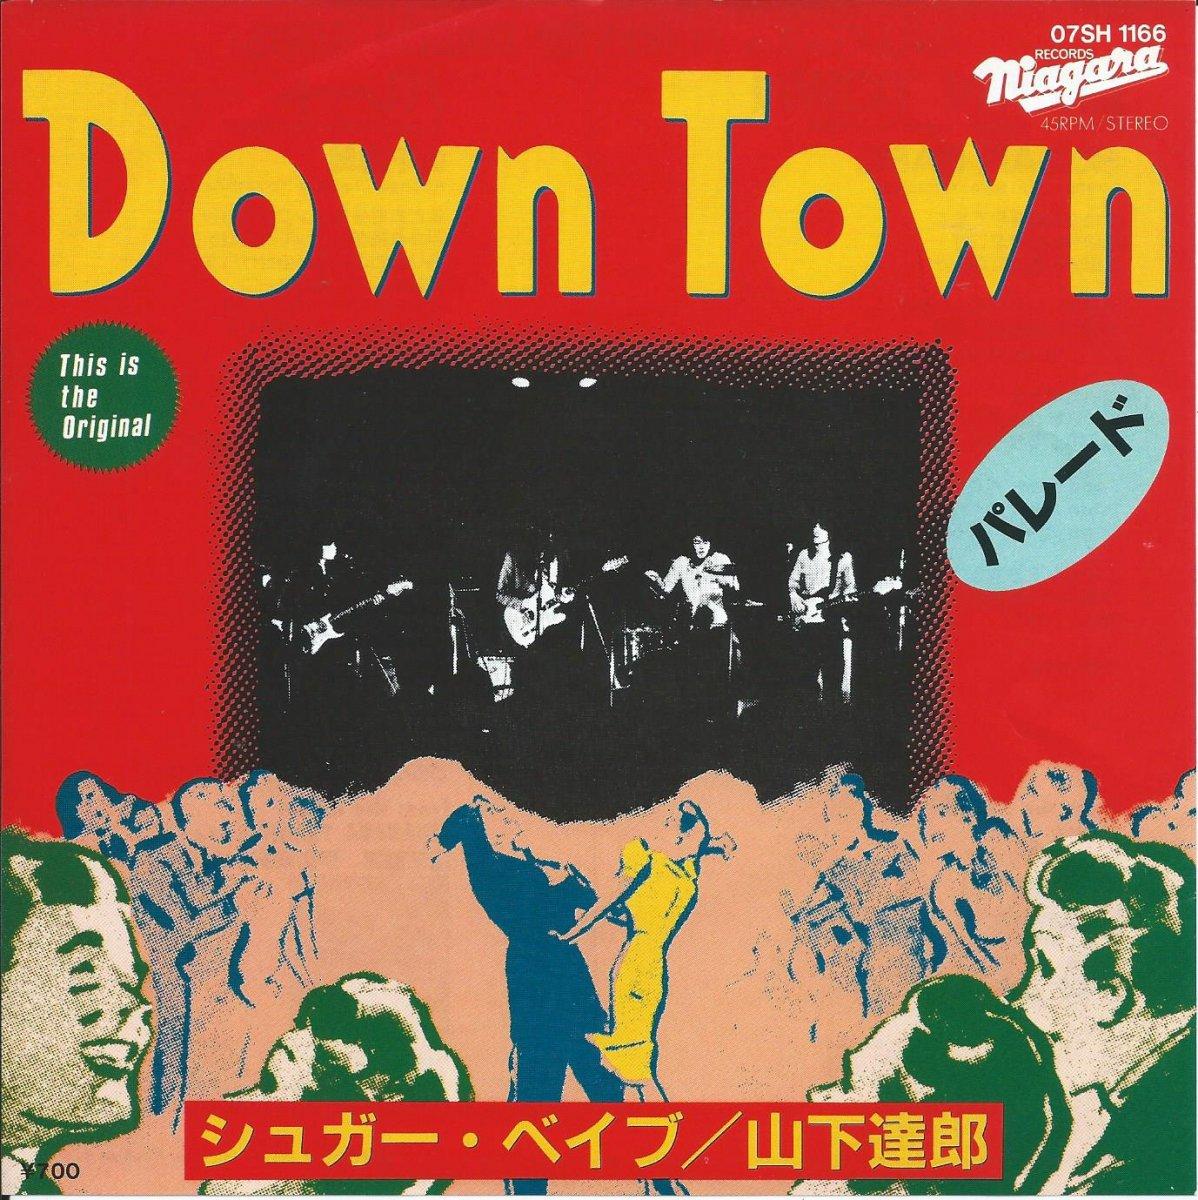 シュガーベイブ SUGAR BABE / 山下達郎 / ダウンタウン DOWN TOWN / パレード (7